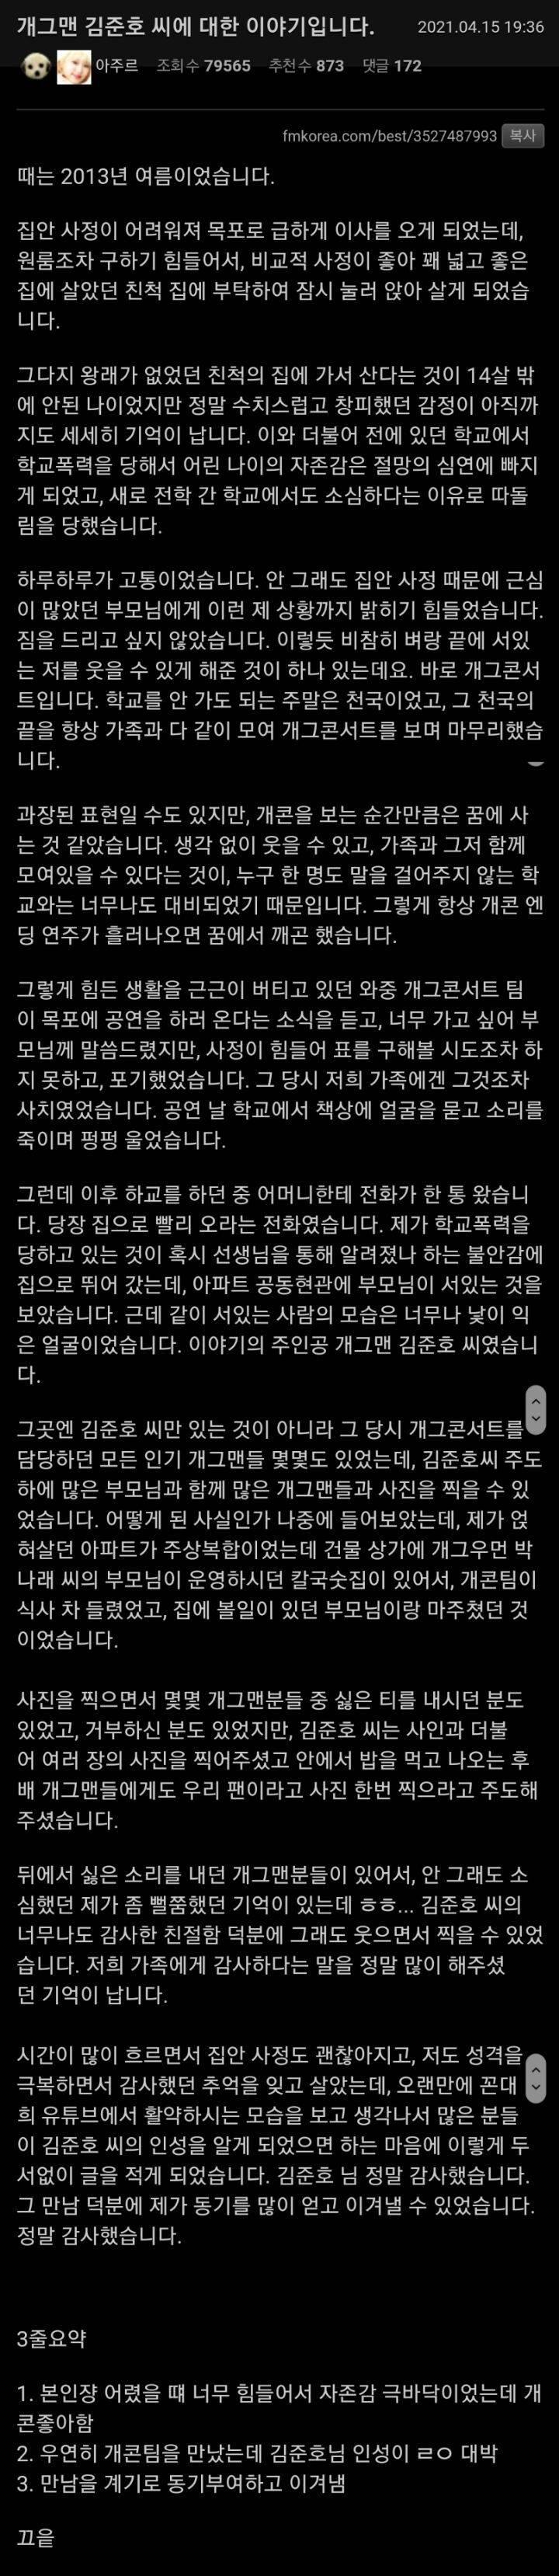 개그맨 김준호 씨에 대한 이야기입니다   인스티즈